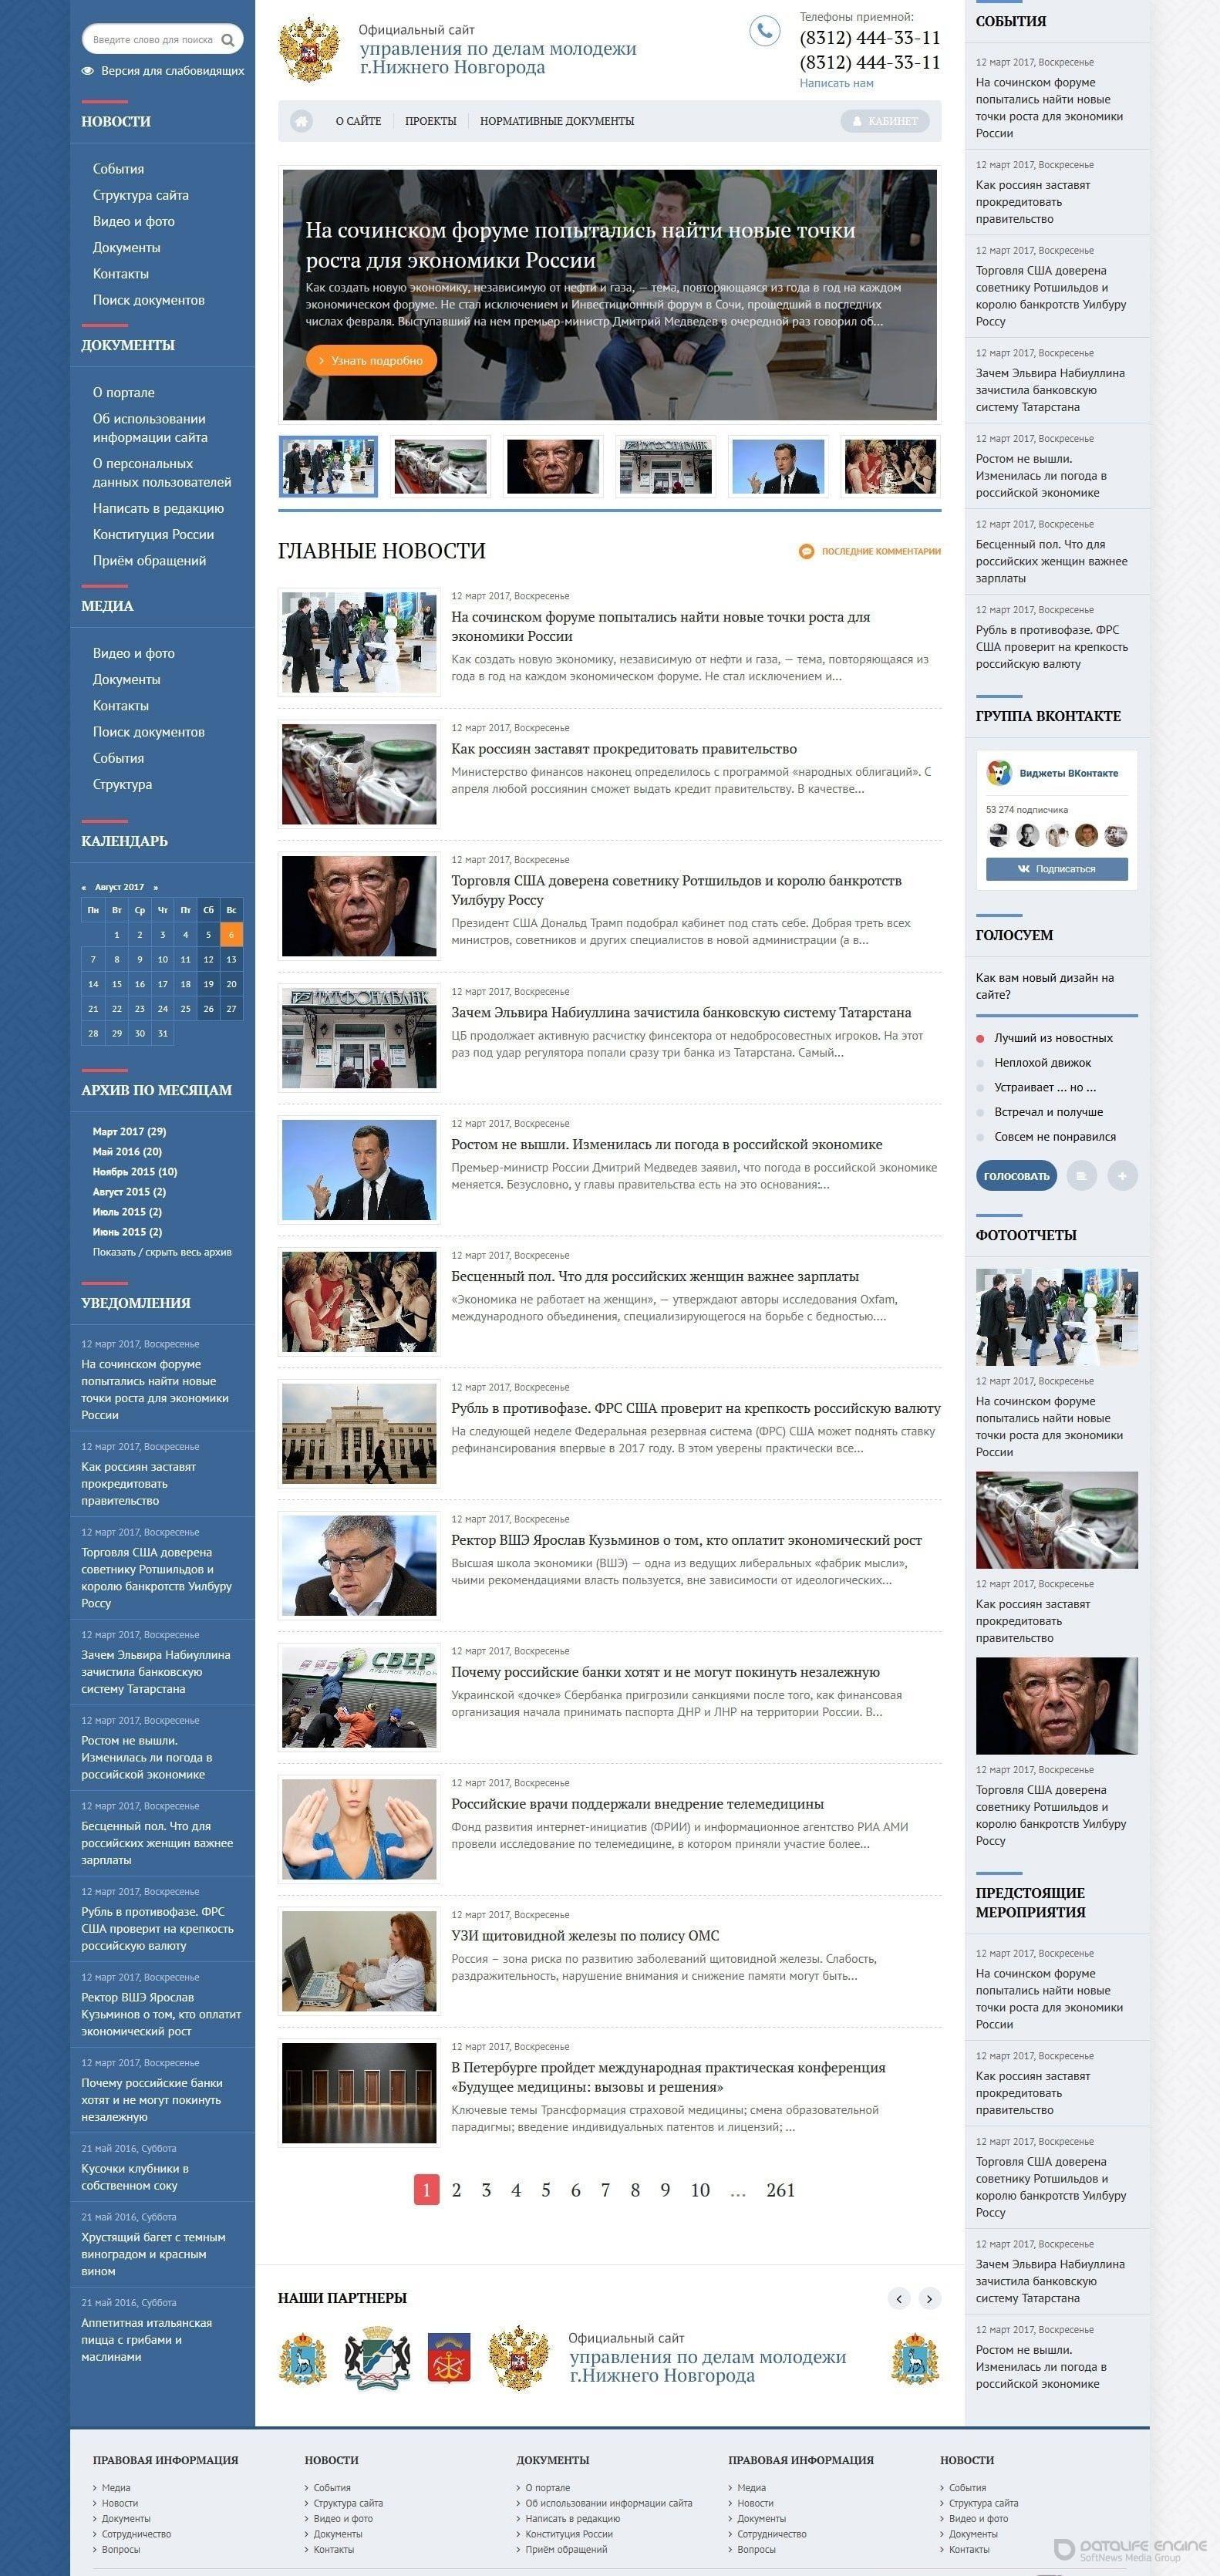 Municipal v2 - Адаптивный шаблон для муниципальных сайтов на DLE